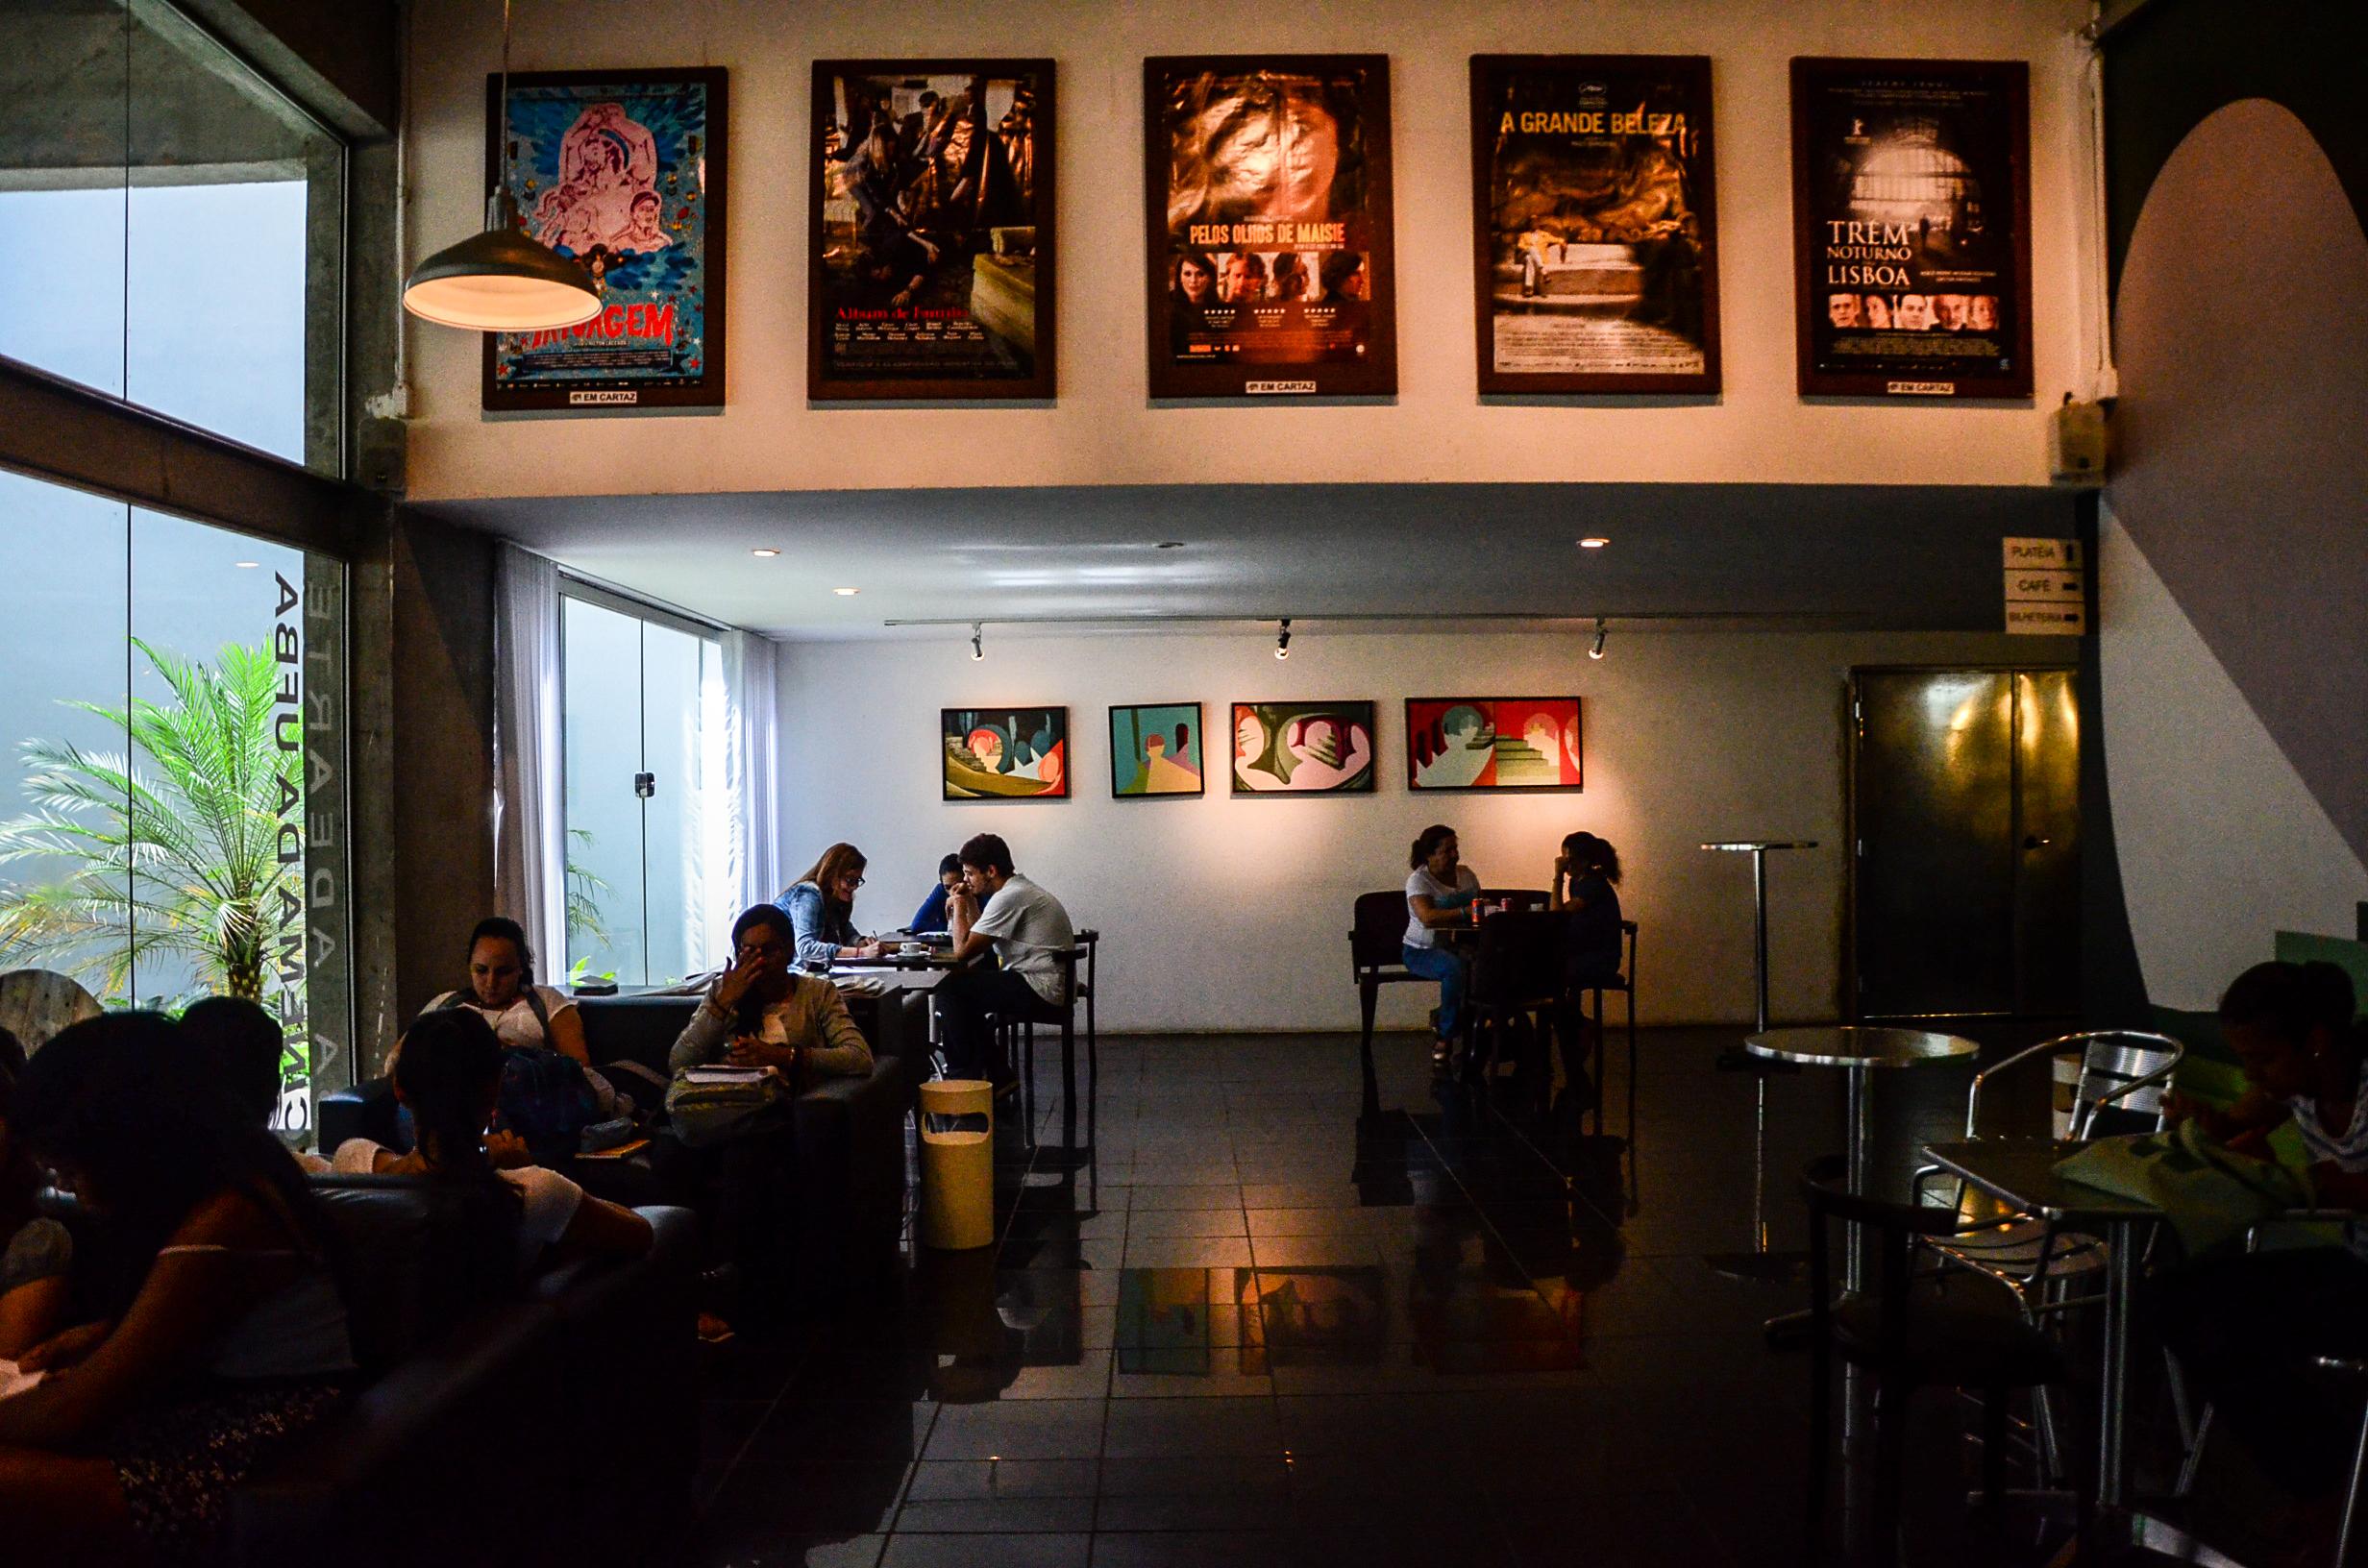 Saladearte Cinema Da Ufba Agenda Arte E Cultura -> Imagem De Sala De Cinema